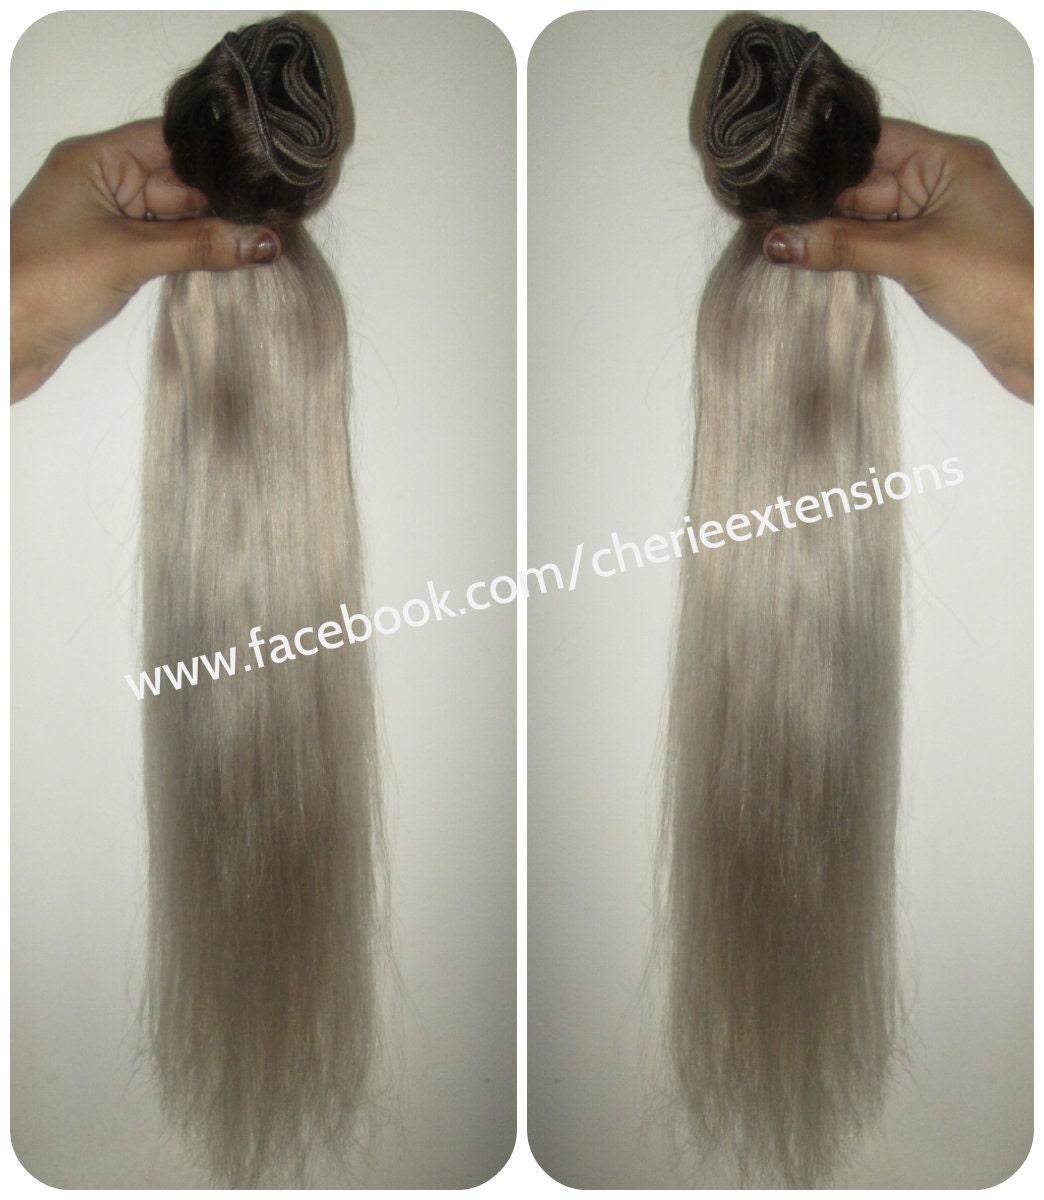 Colour 3 Ash Brown Silver Grey White Hair Extensions Dip Dye